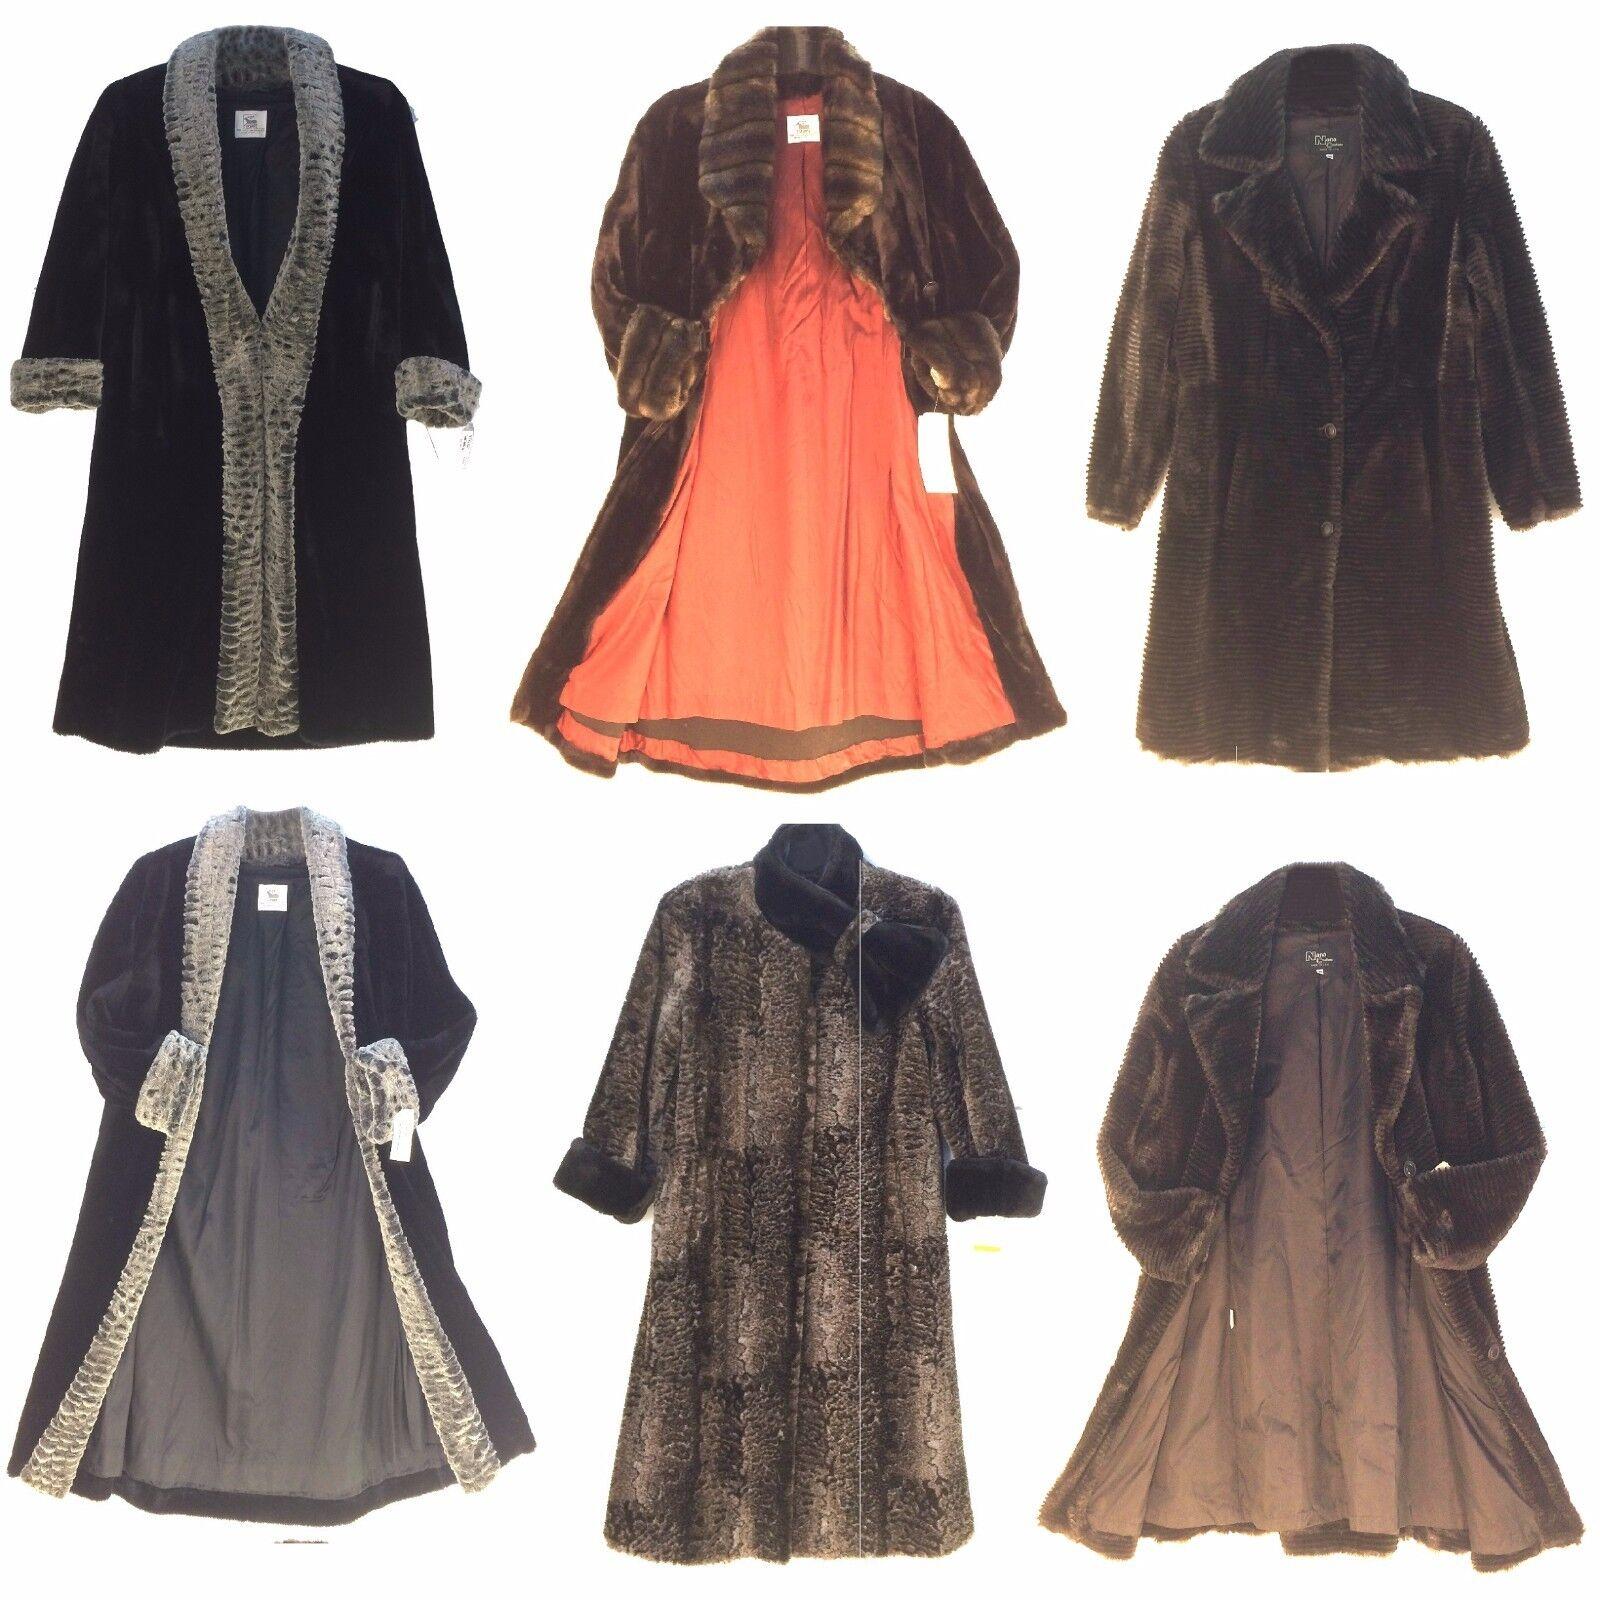 Kvinnor konstificiell Fur Long Coat USA Made, se beskrivning Assorterad